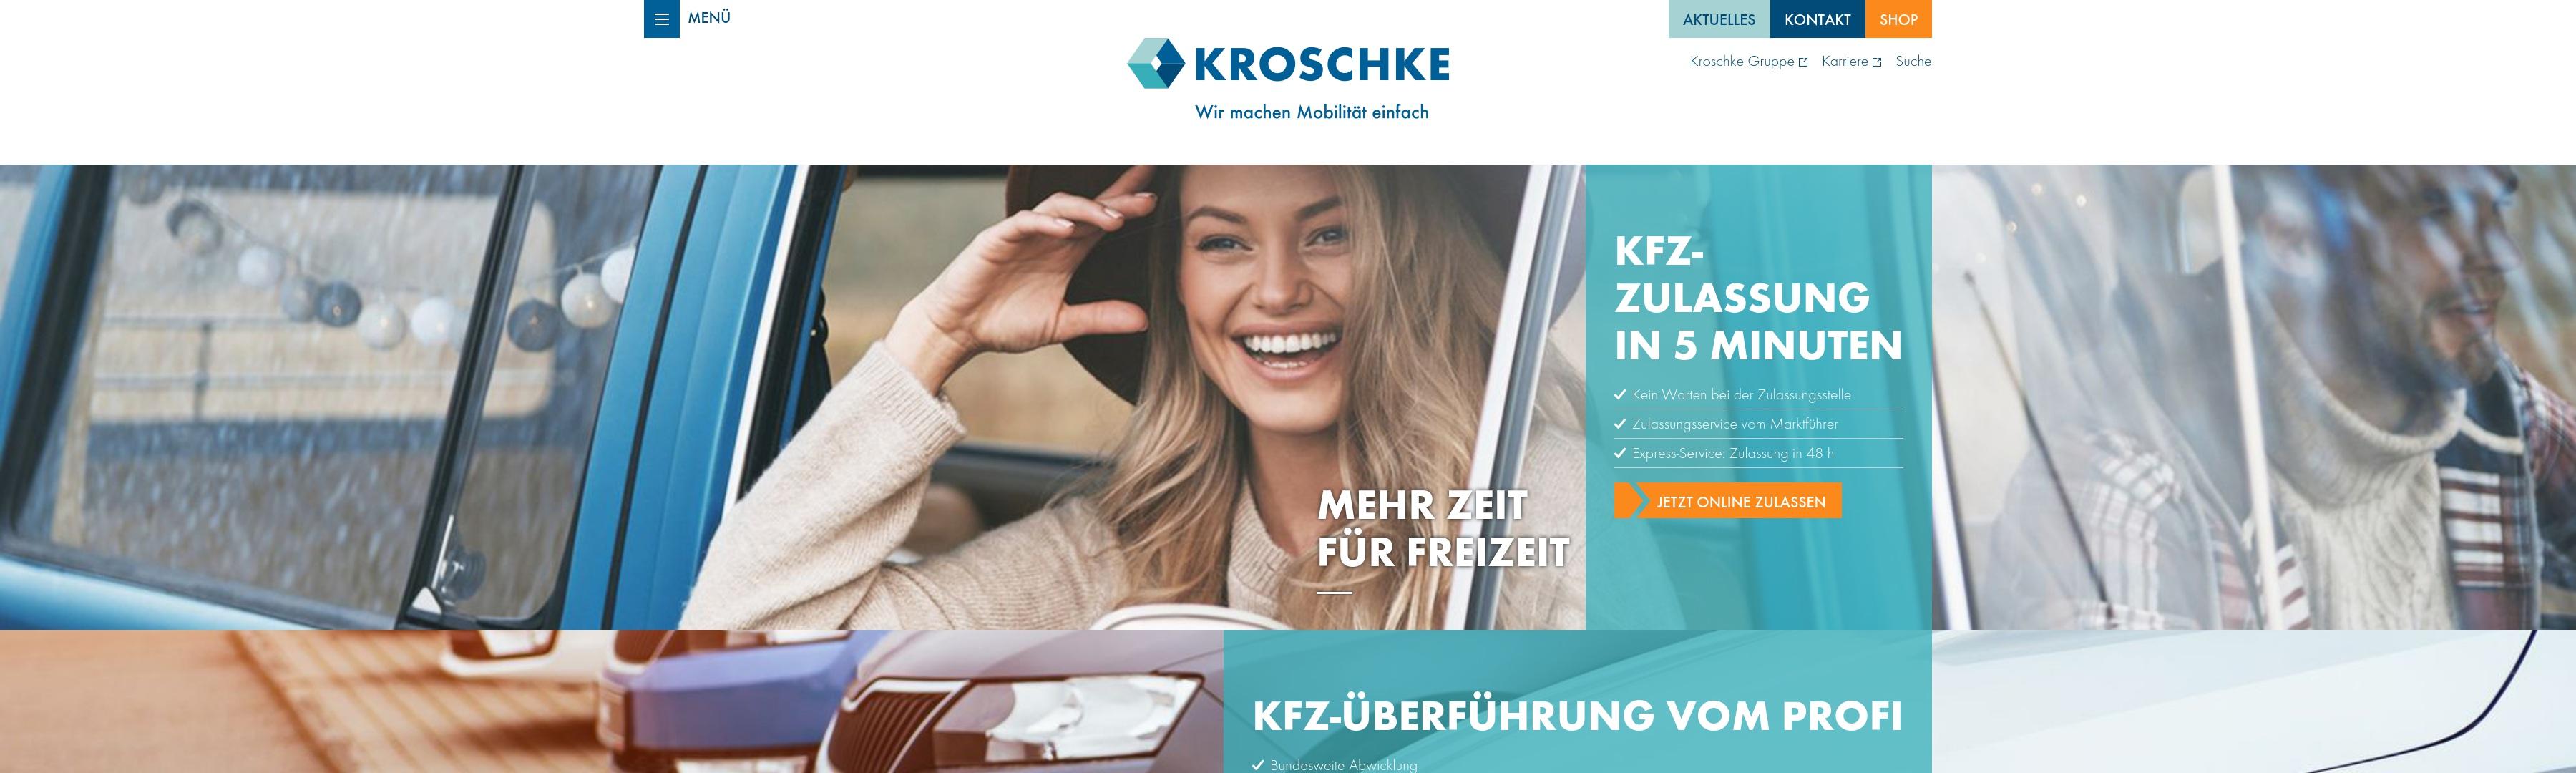 Geld zurück bei Kroschke: Jetzt im Oktober 2021 Cashback für Kroschke sichern